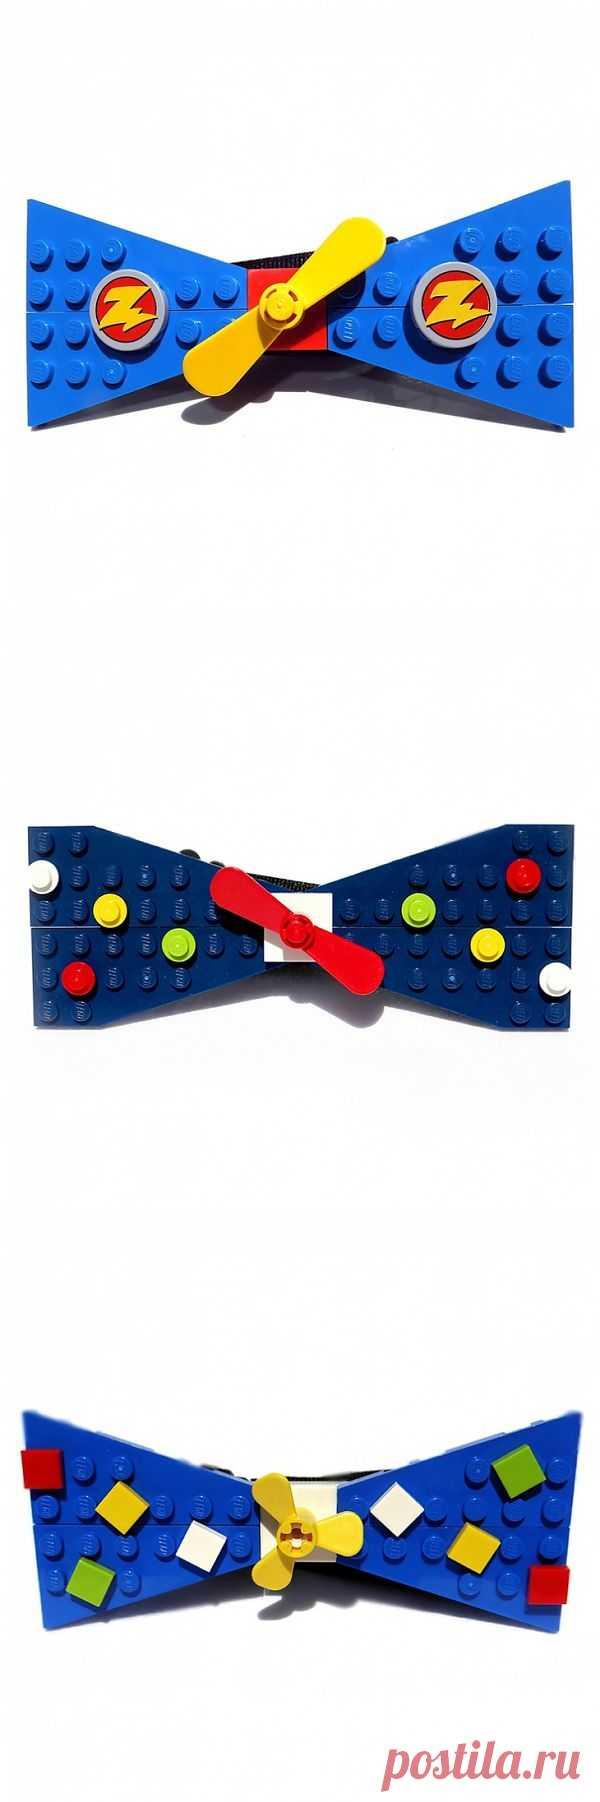 Lego: галстуки-бабочки / Креатив / Модный сайт о стильной переделке одежды и интерьера